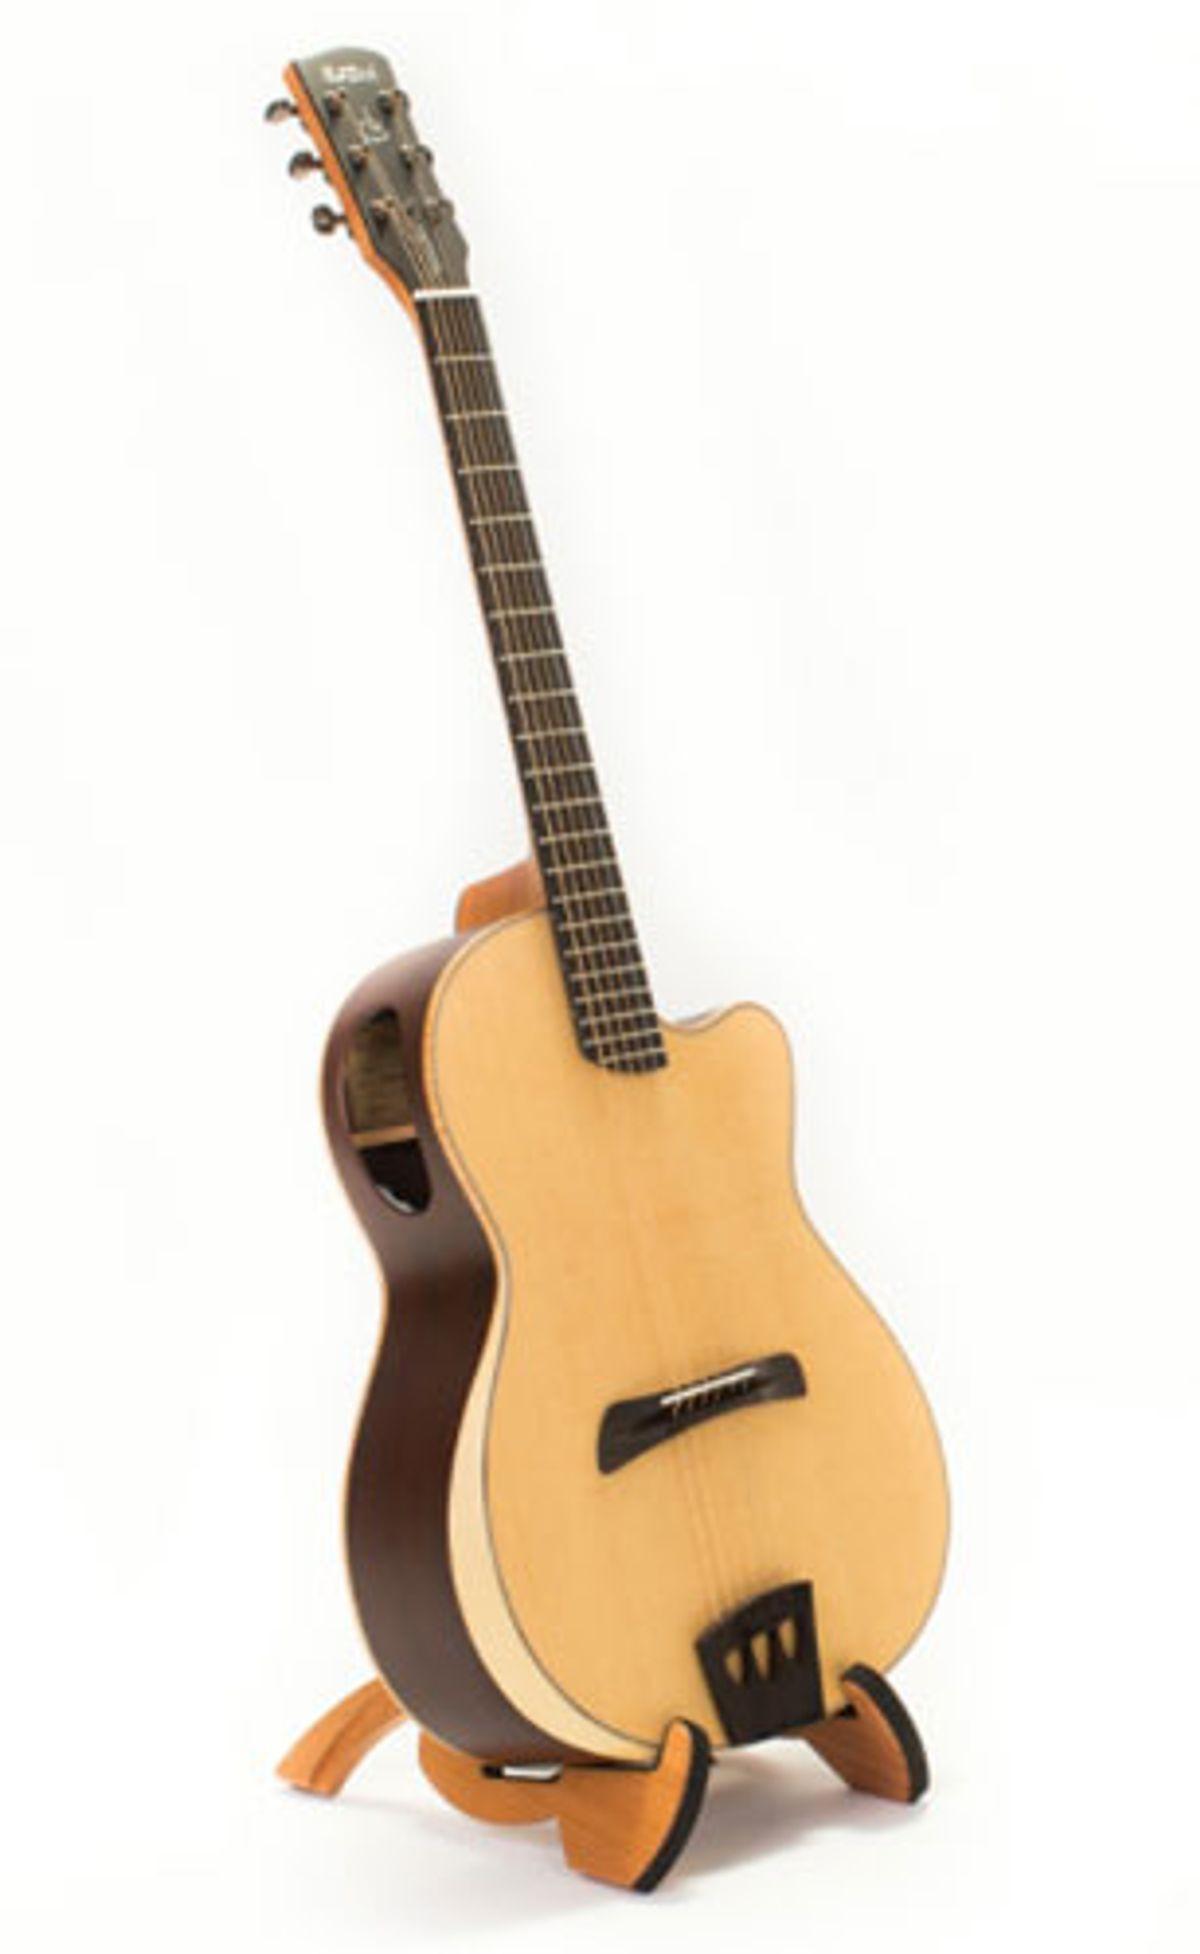 Batson Guitars Unveils Generation 2 Acoustics